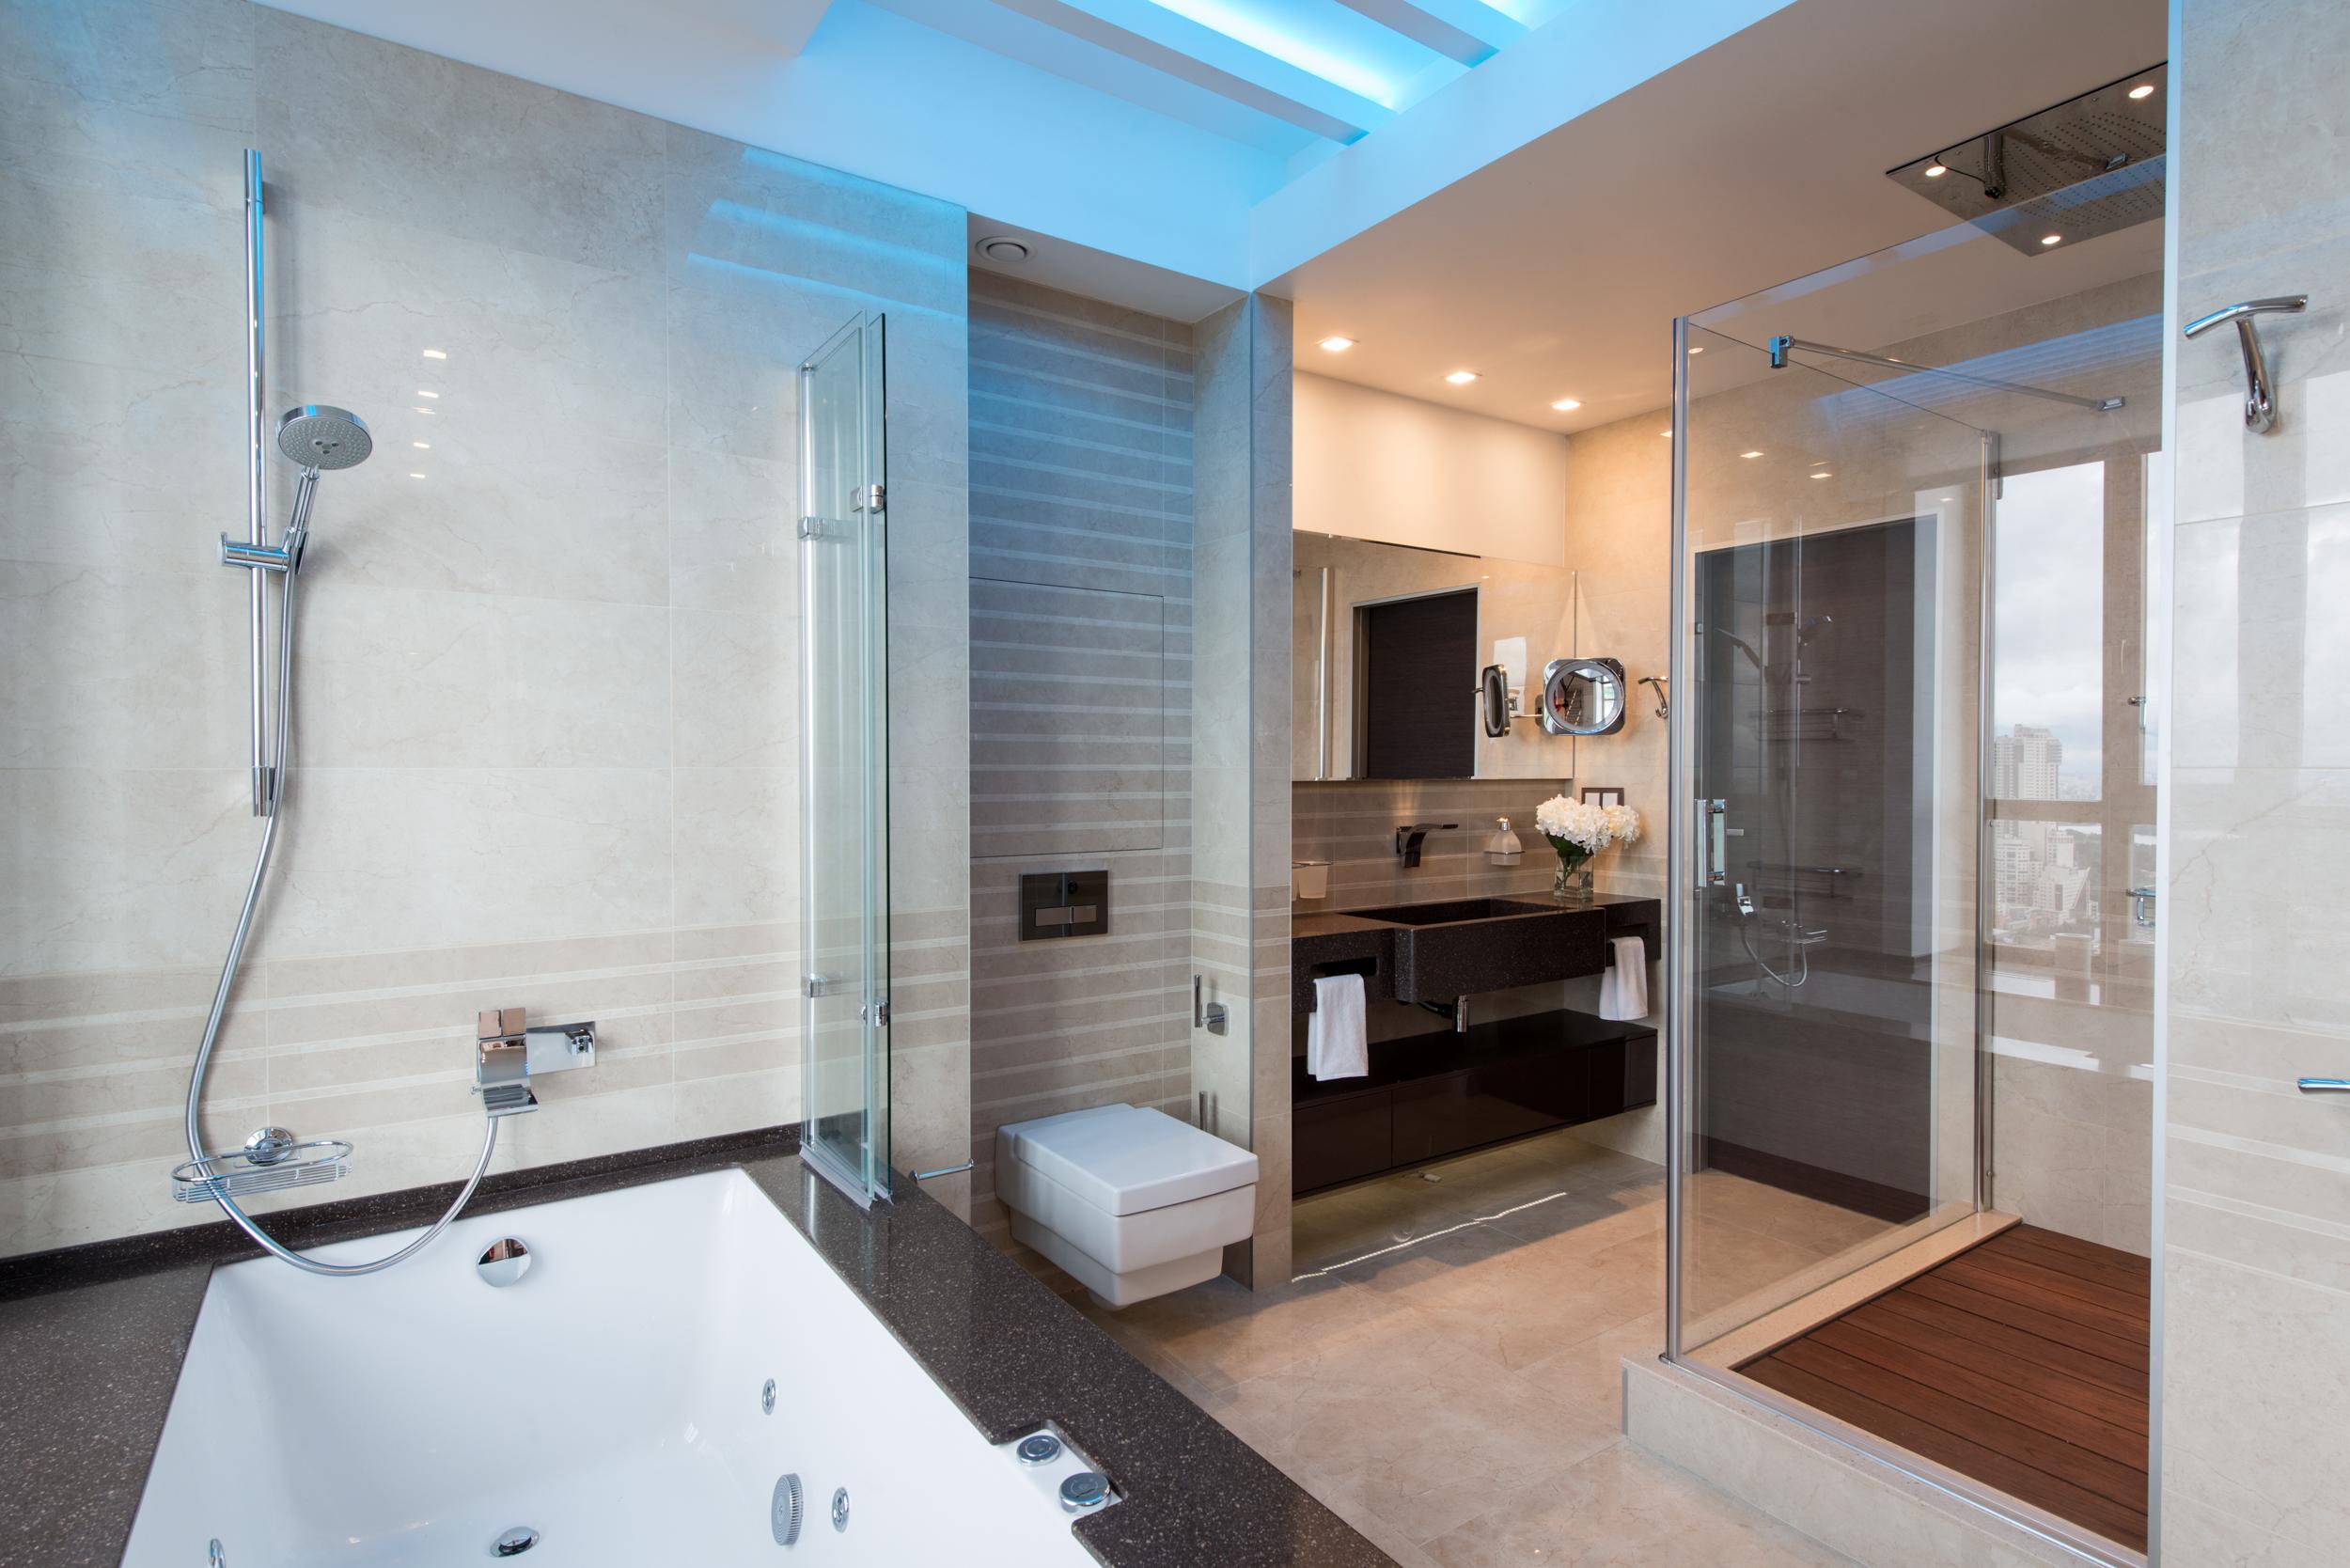 Ванная, дизайн, стиль, подсветка